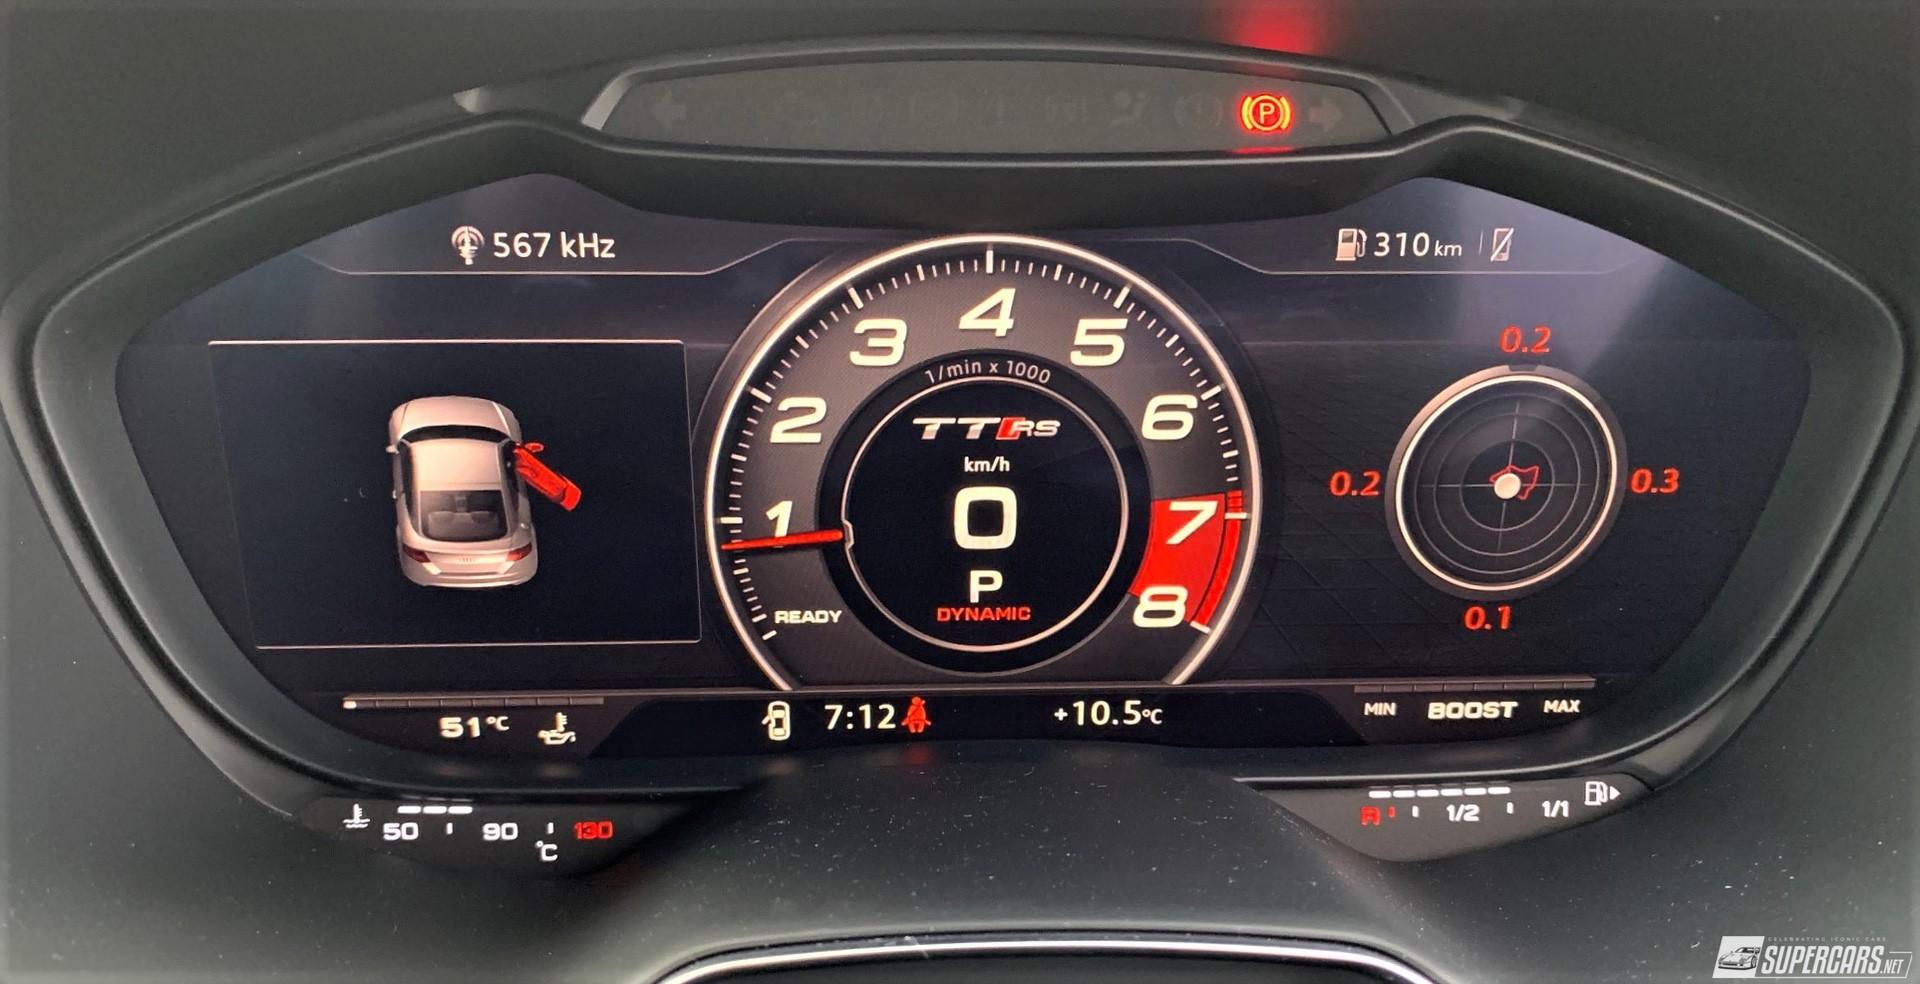 Cabin display of 2022 Audi TT RS